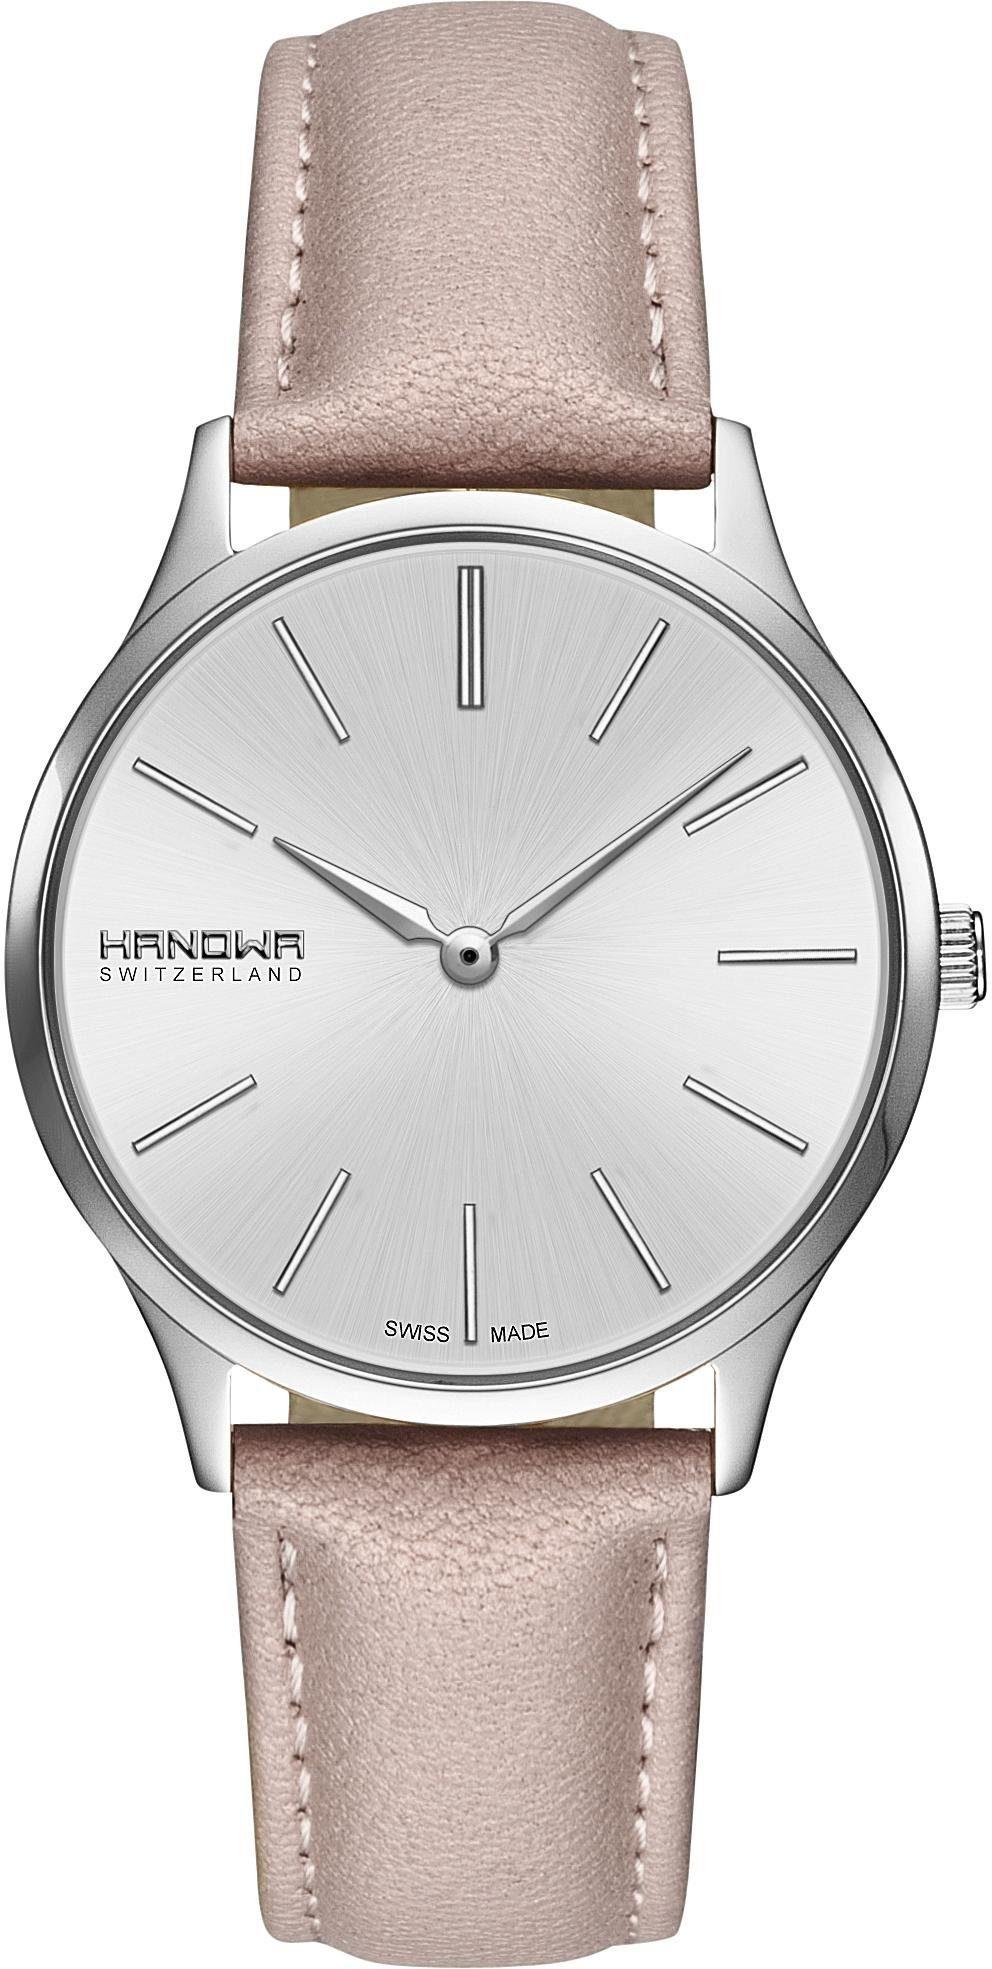 Hanowa Schweizer Uhr »PURE, 16-6060.04.001.10«